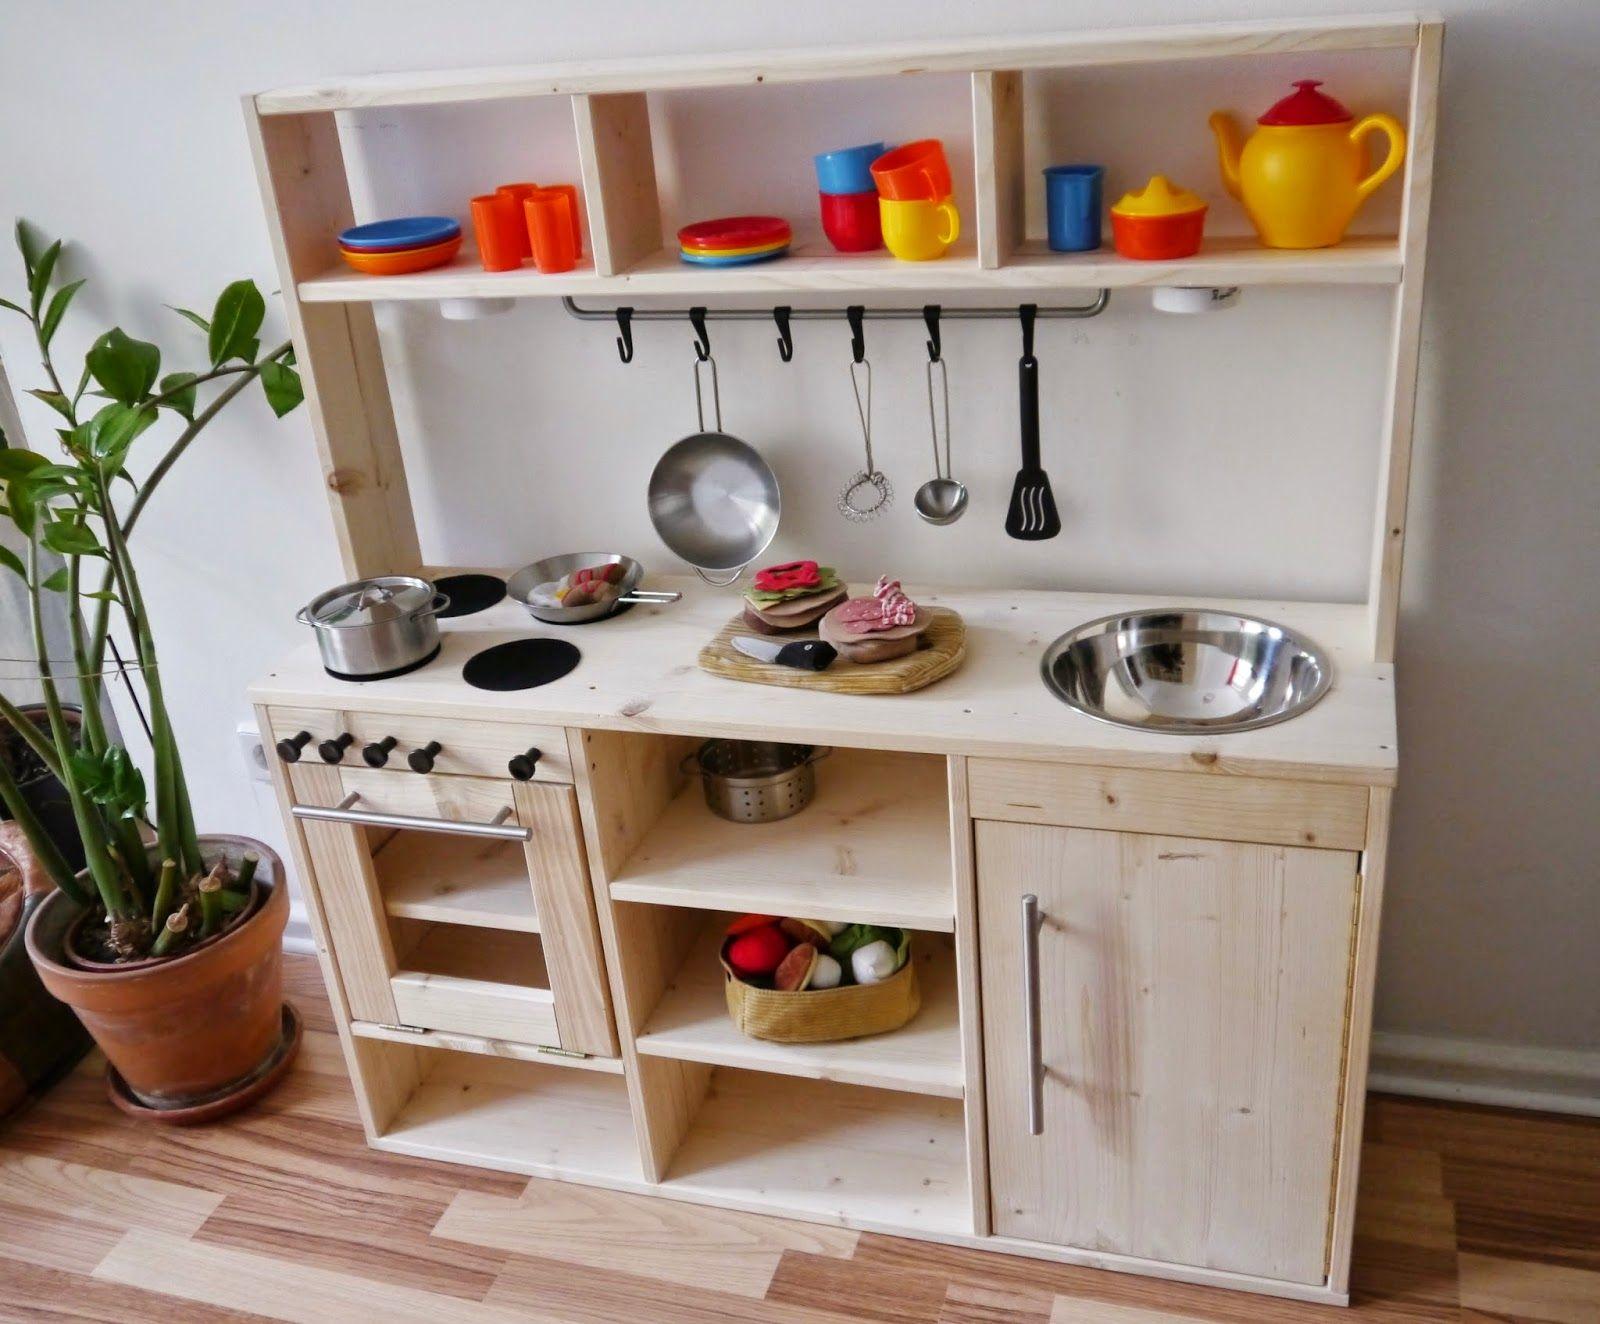 Full Size of Spielzeugküche Holz Fenster Alu Holzofen Küche Holzhaus Kind Garten Betten Aus Loungemöbel Sichtschutz Regal Naturholz Massivholzküche Spielhaus Fliesen Wohnzimmer Spielzeugküche Holz